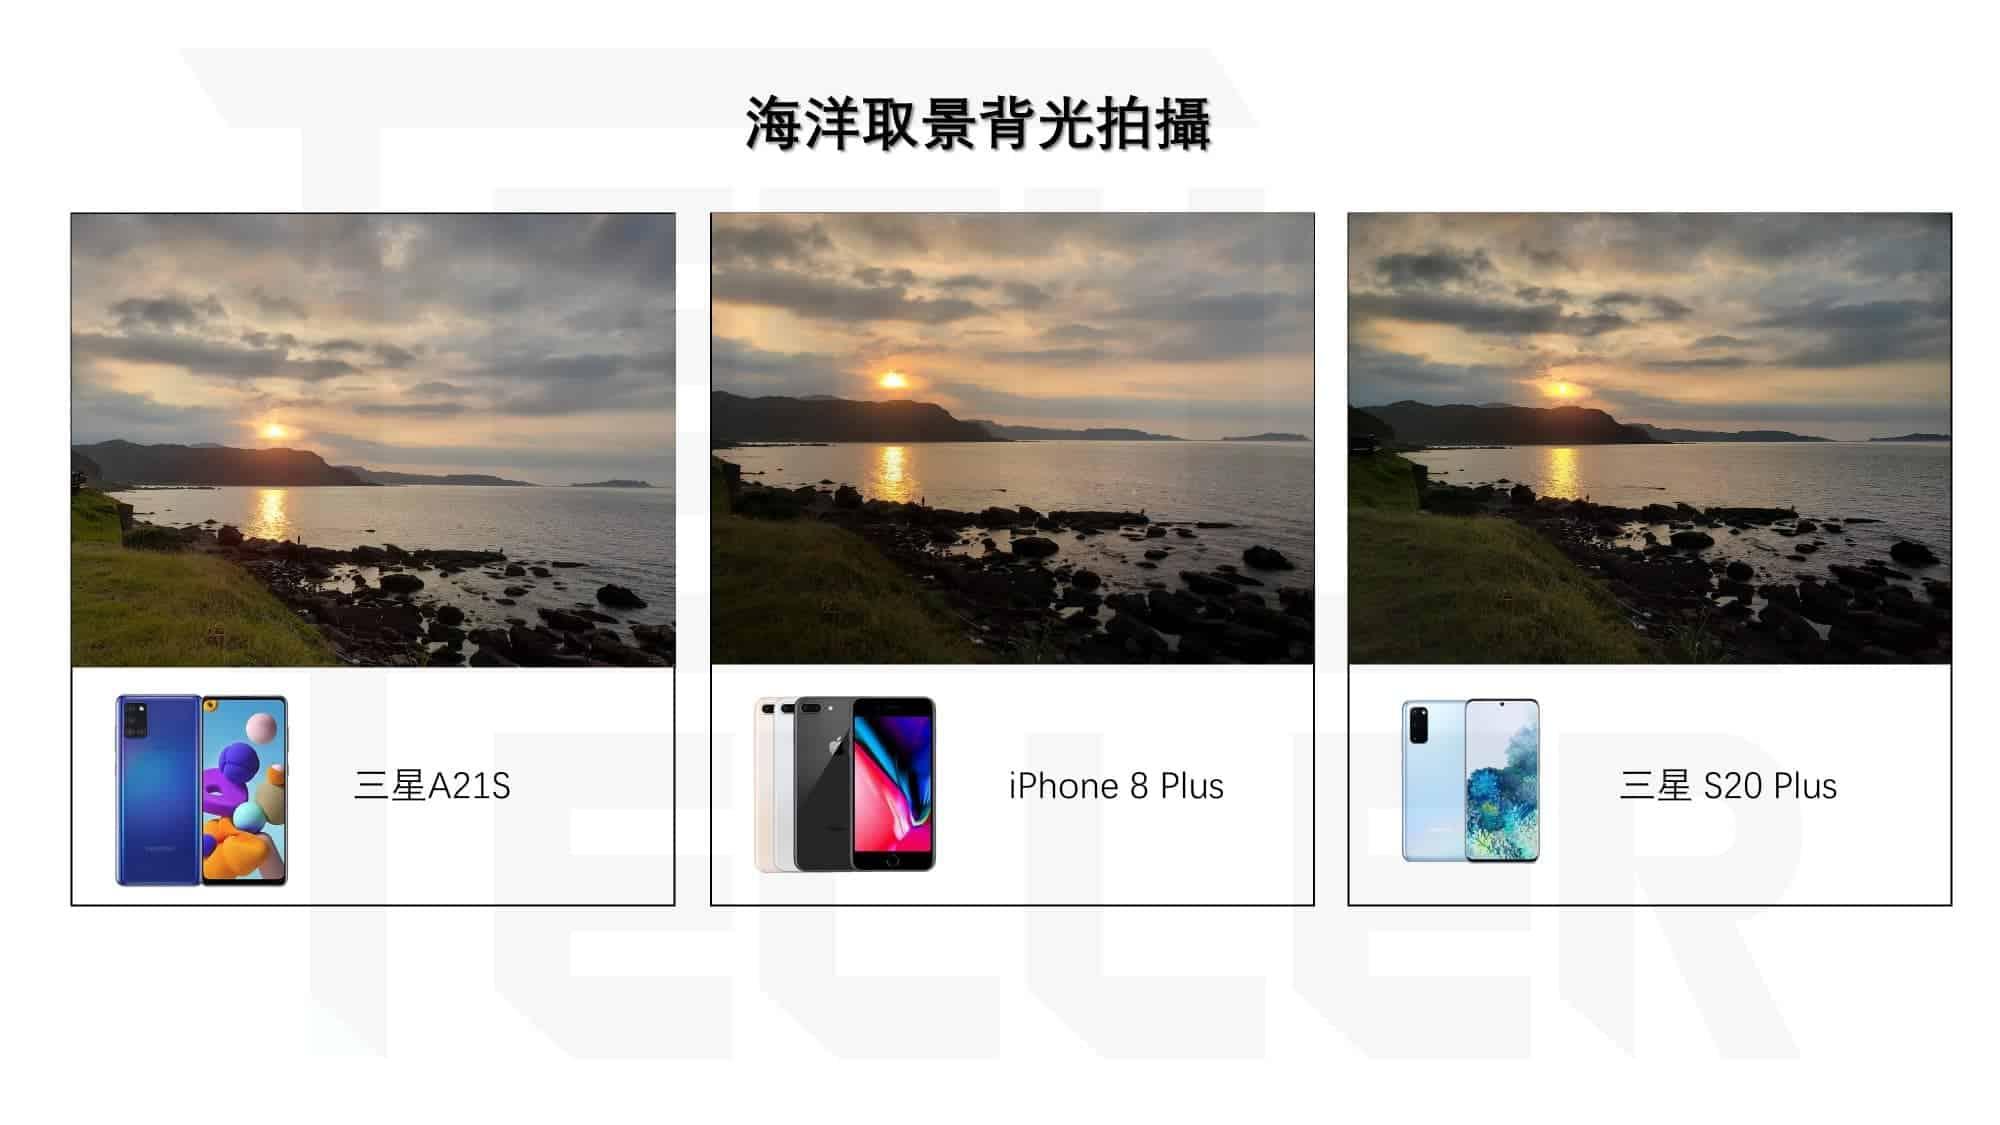 Samsung Galaxy A21S-拍照實測1-海洋取景背光